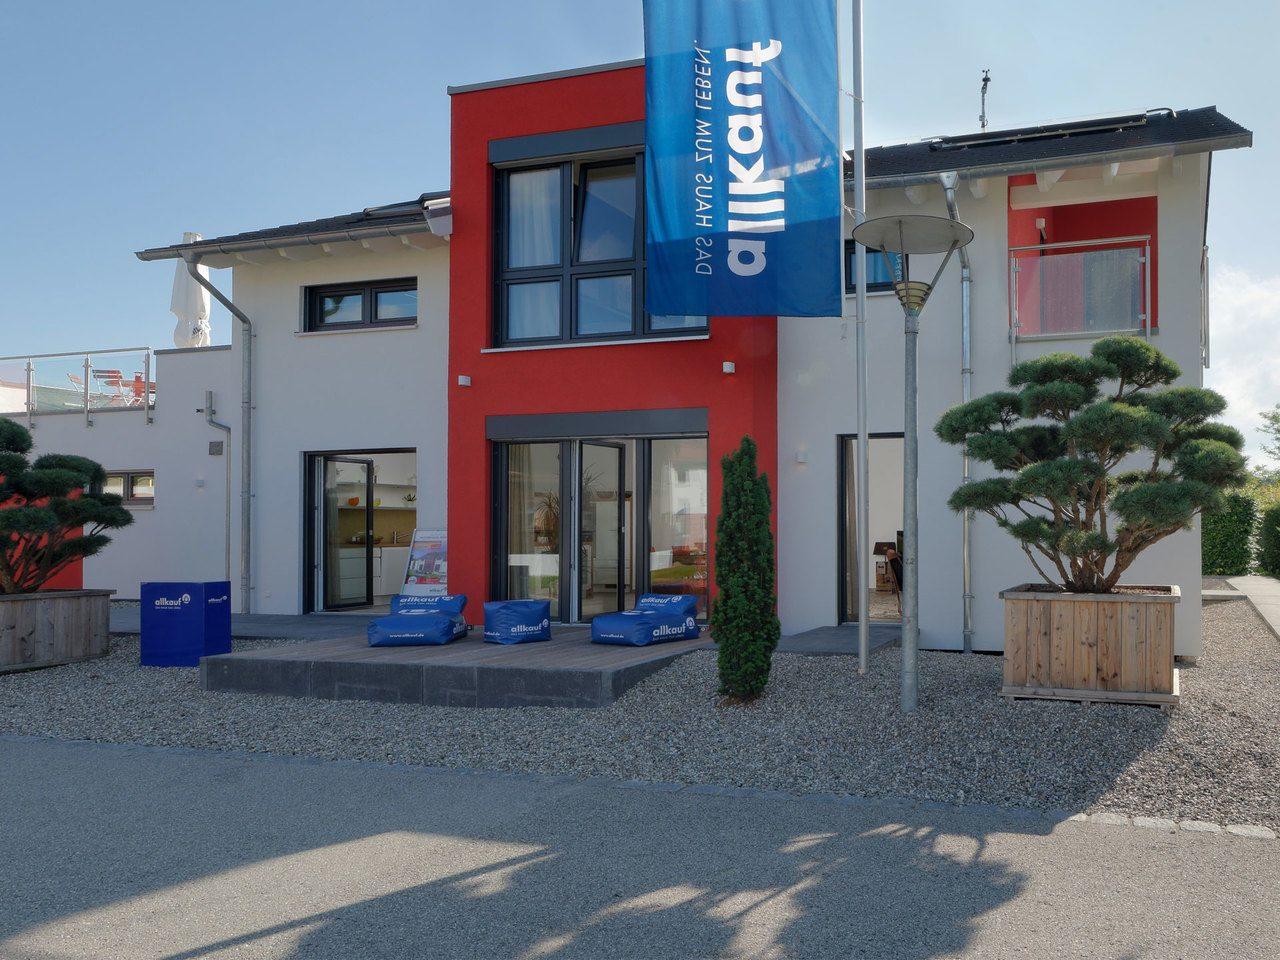 Allkauf Haus Musterhaus